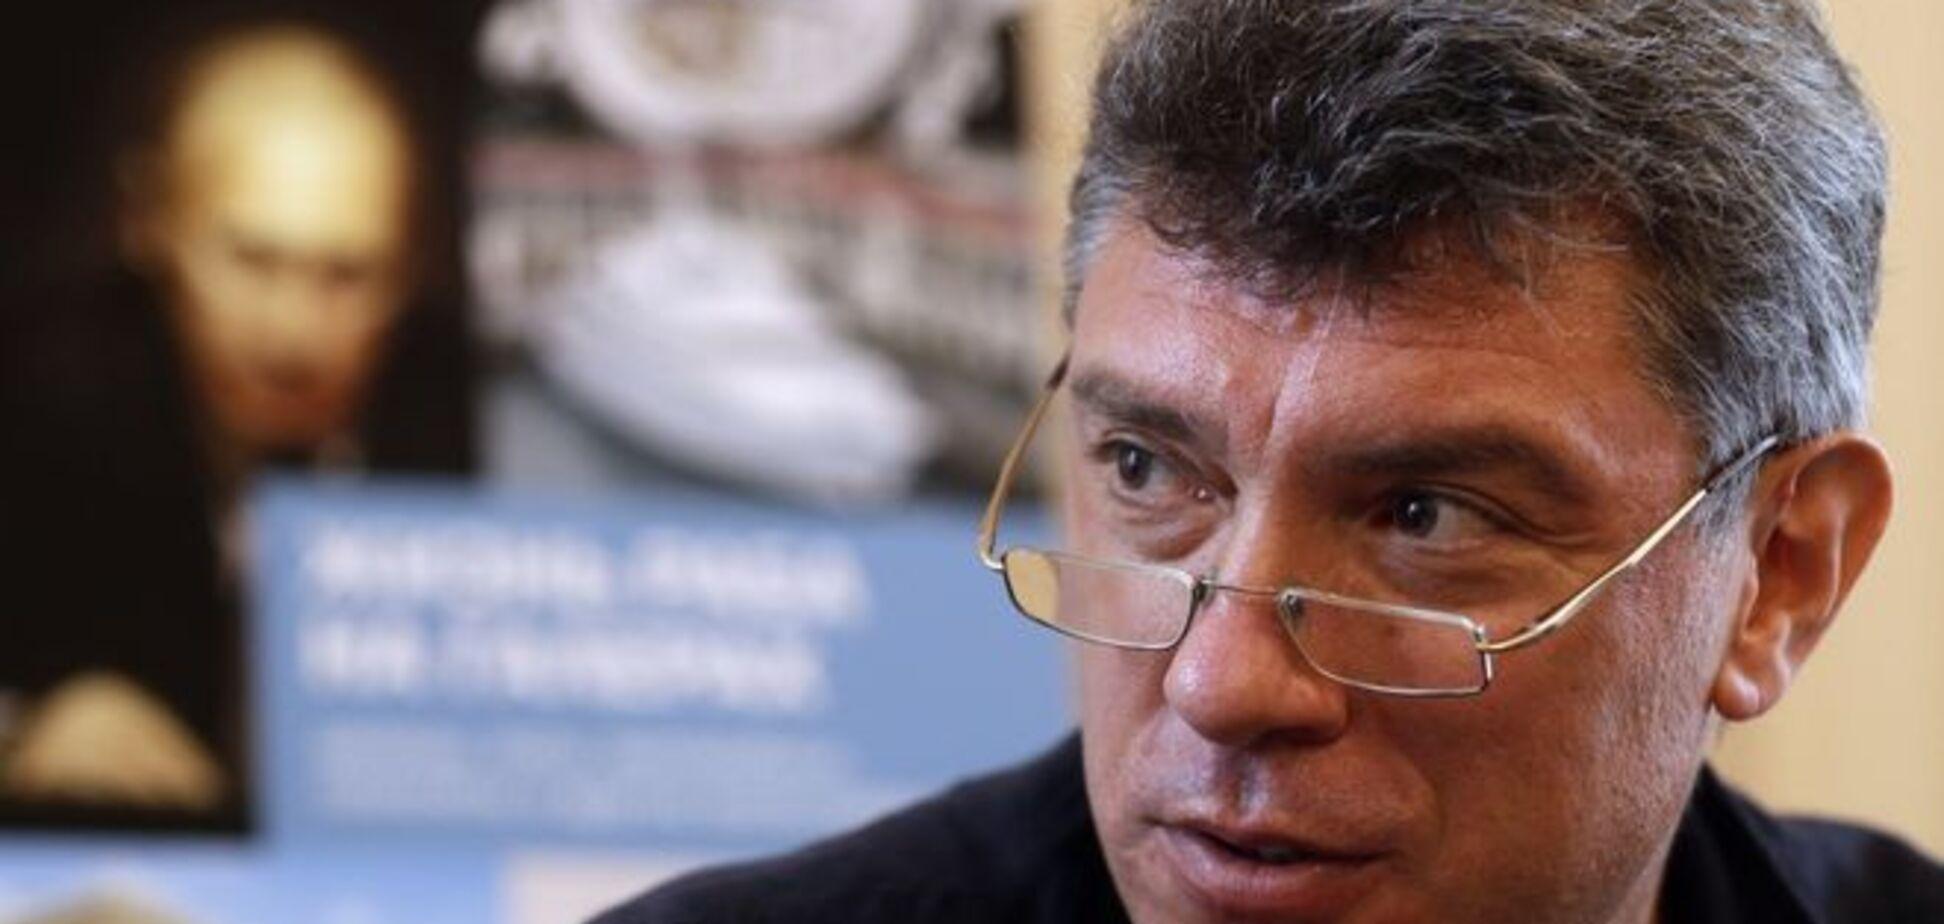 Мир потрясен 'подлым убийством' Немцова: западные лидеры требуют правды, и быстро